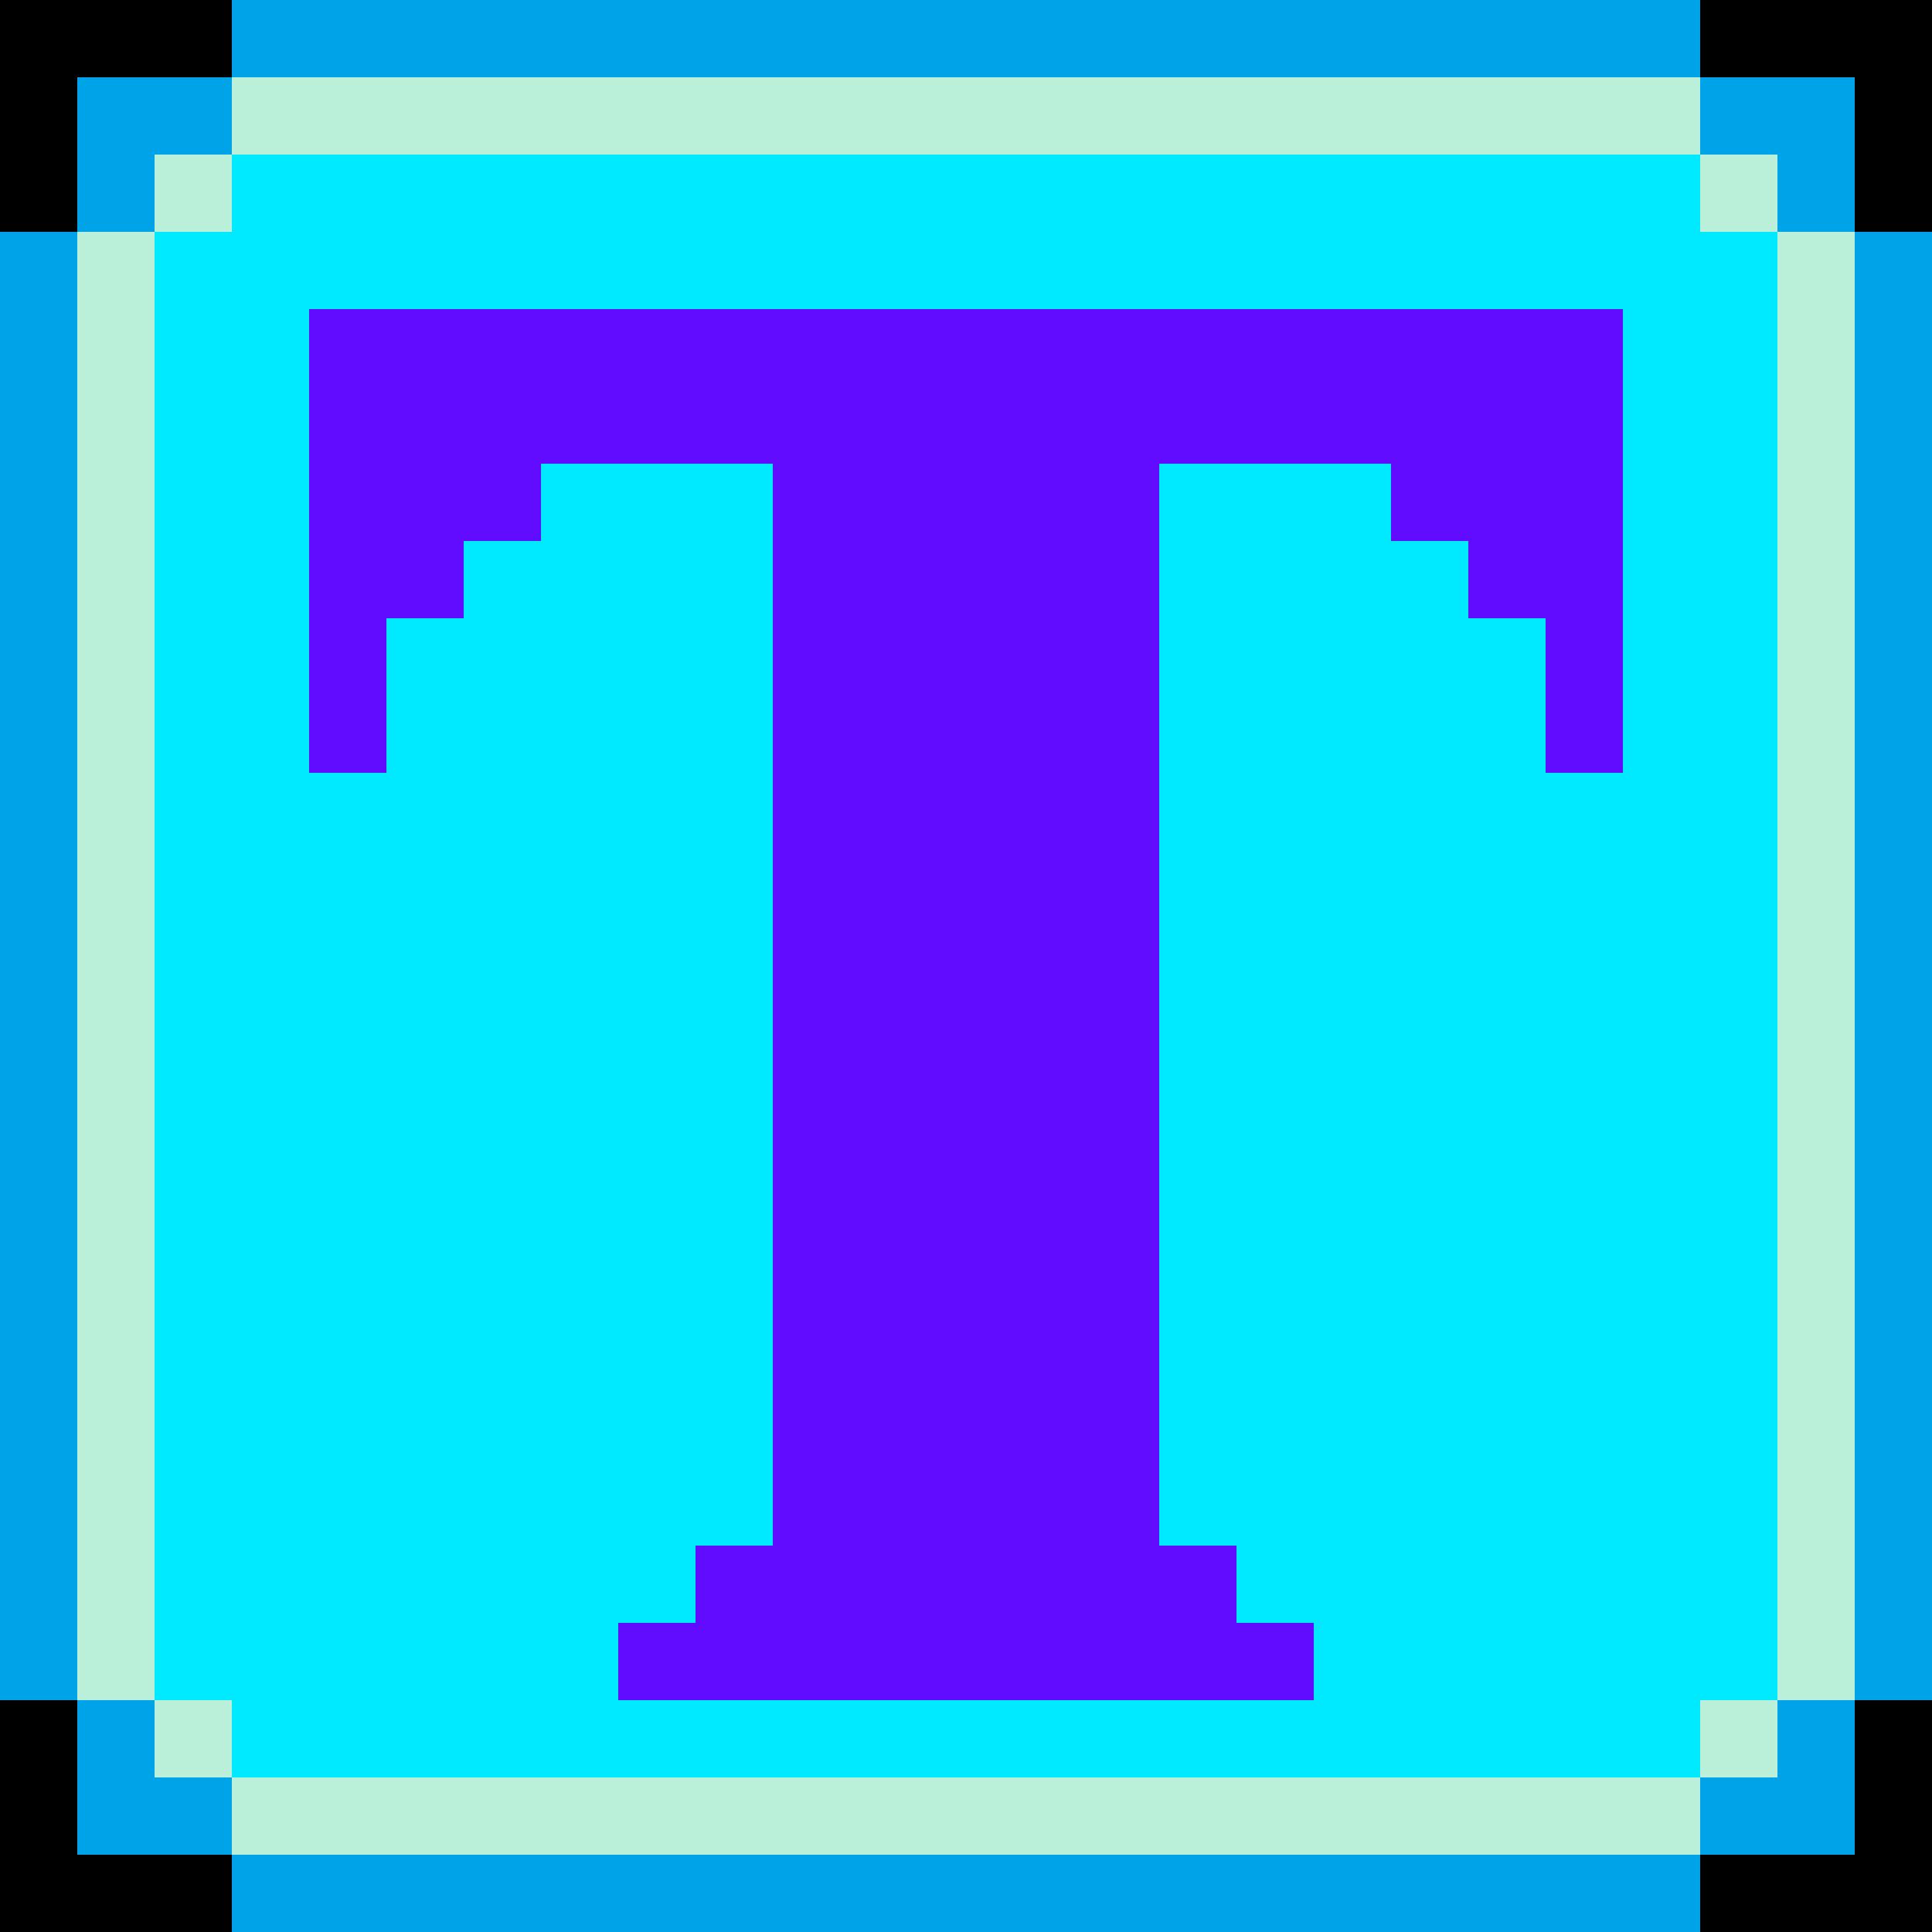 Play [Trinity]